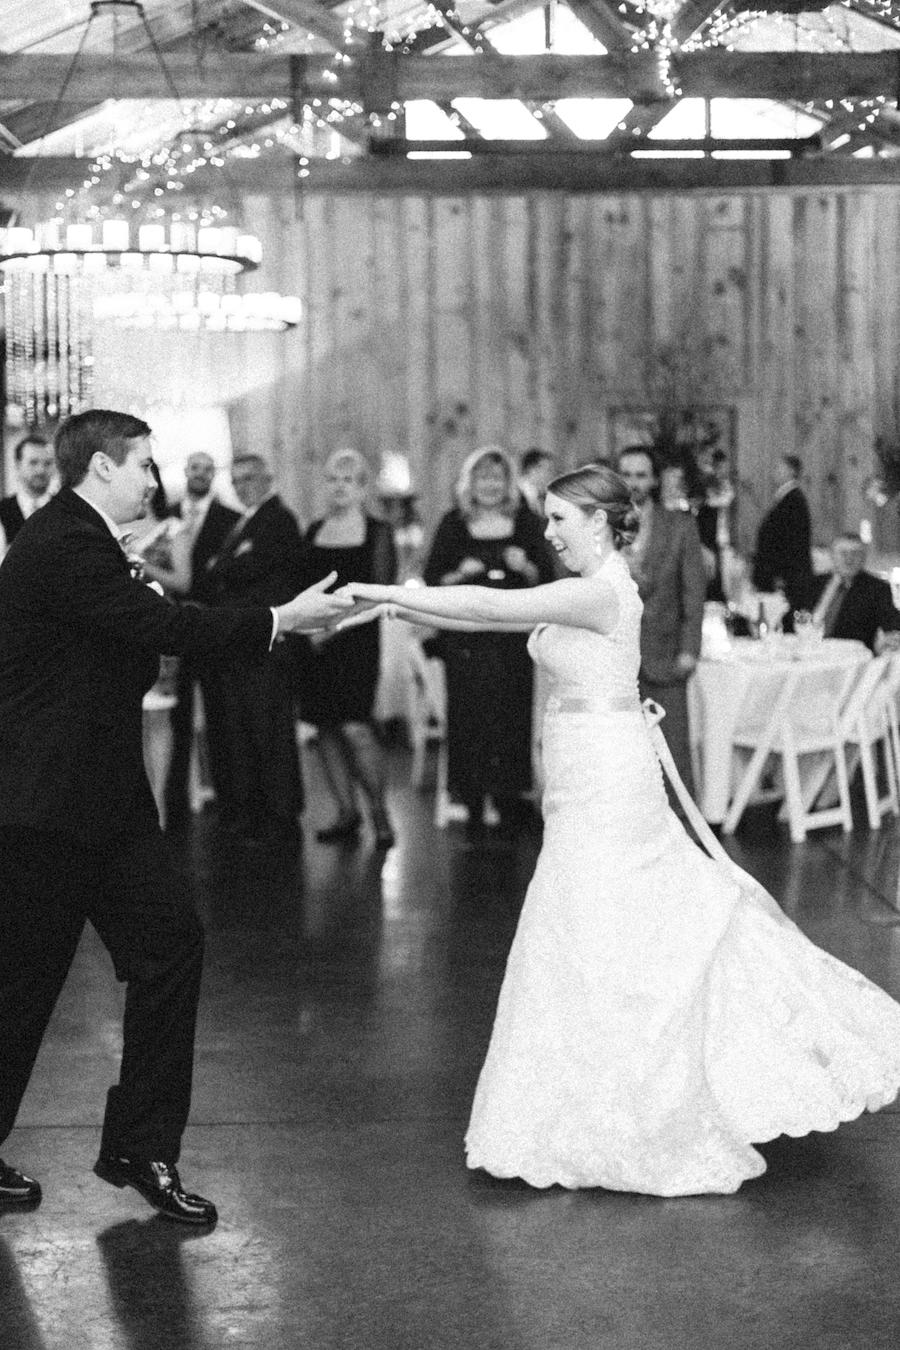 angus barn wedding photographer raleigh nc